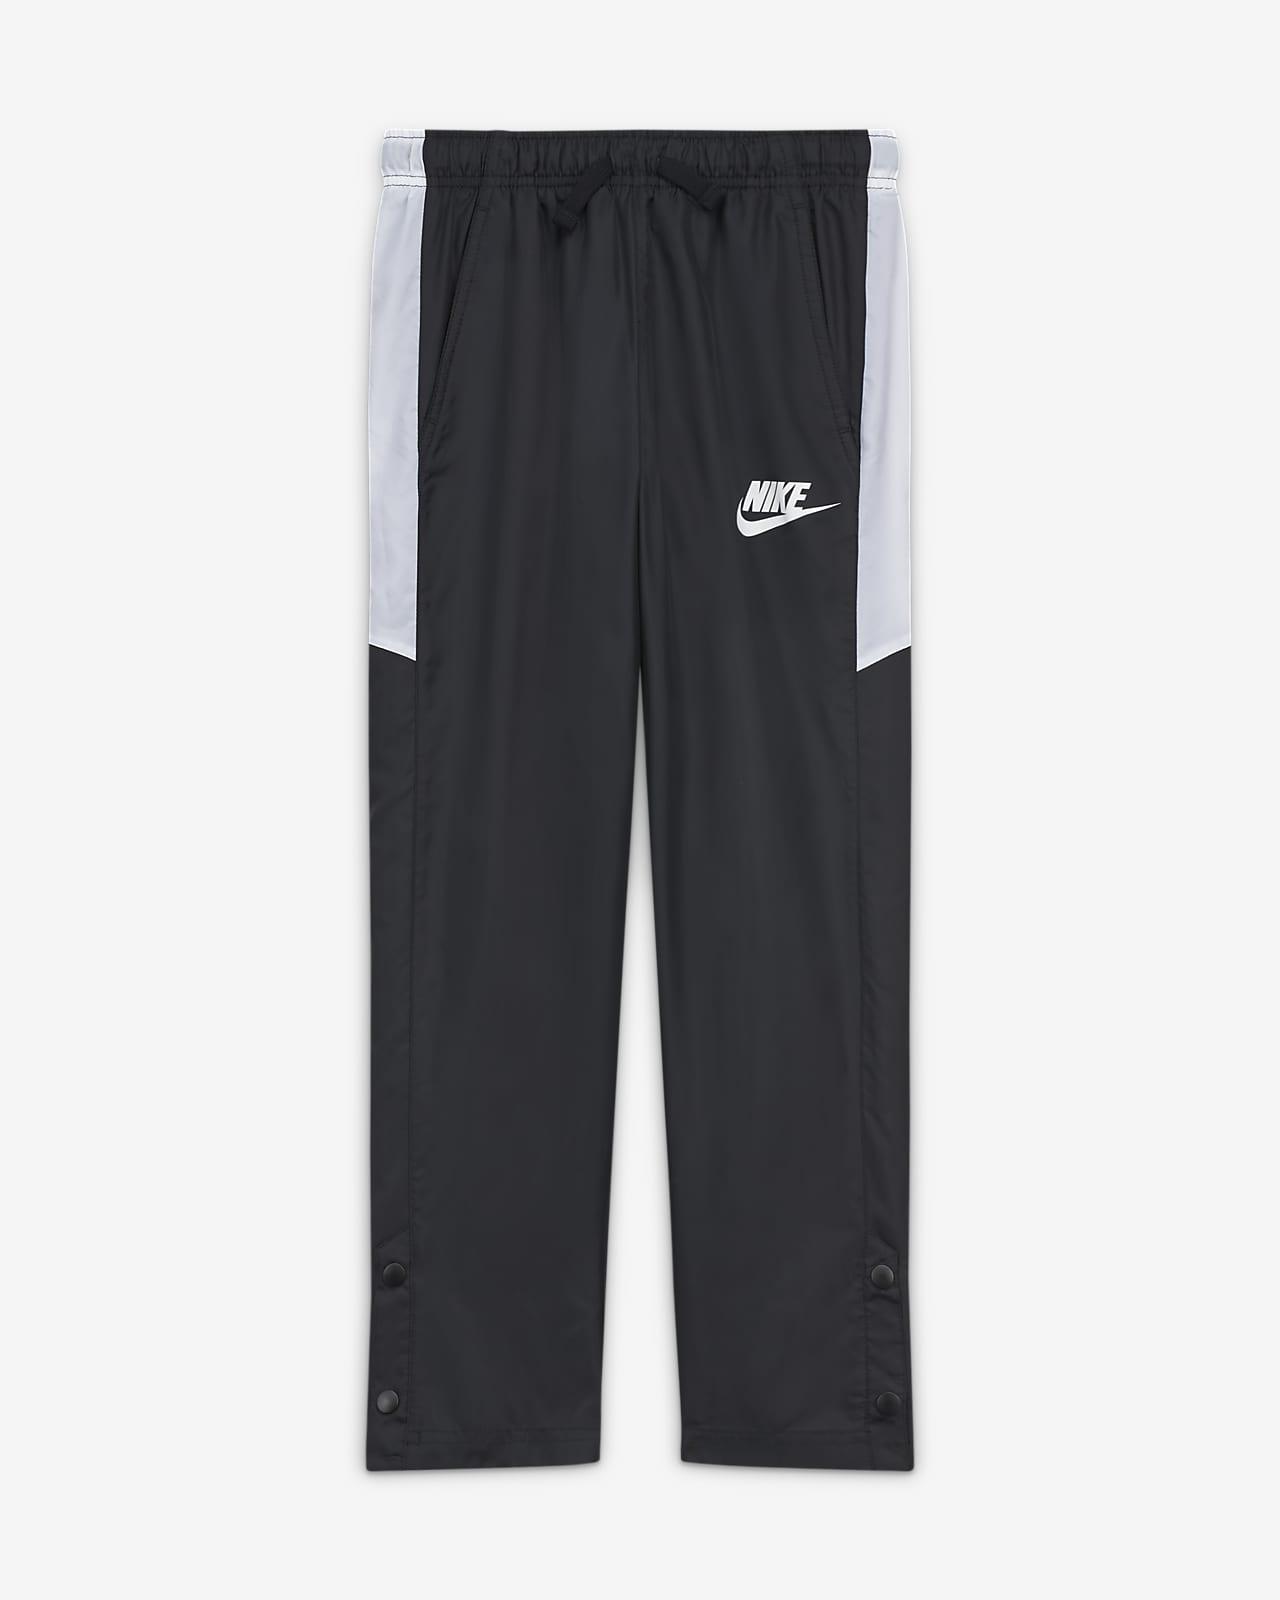 Nike Sportswear Older Kids' (Boys') Woven Trousers